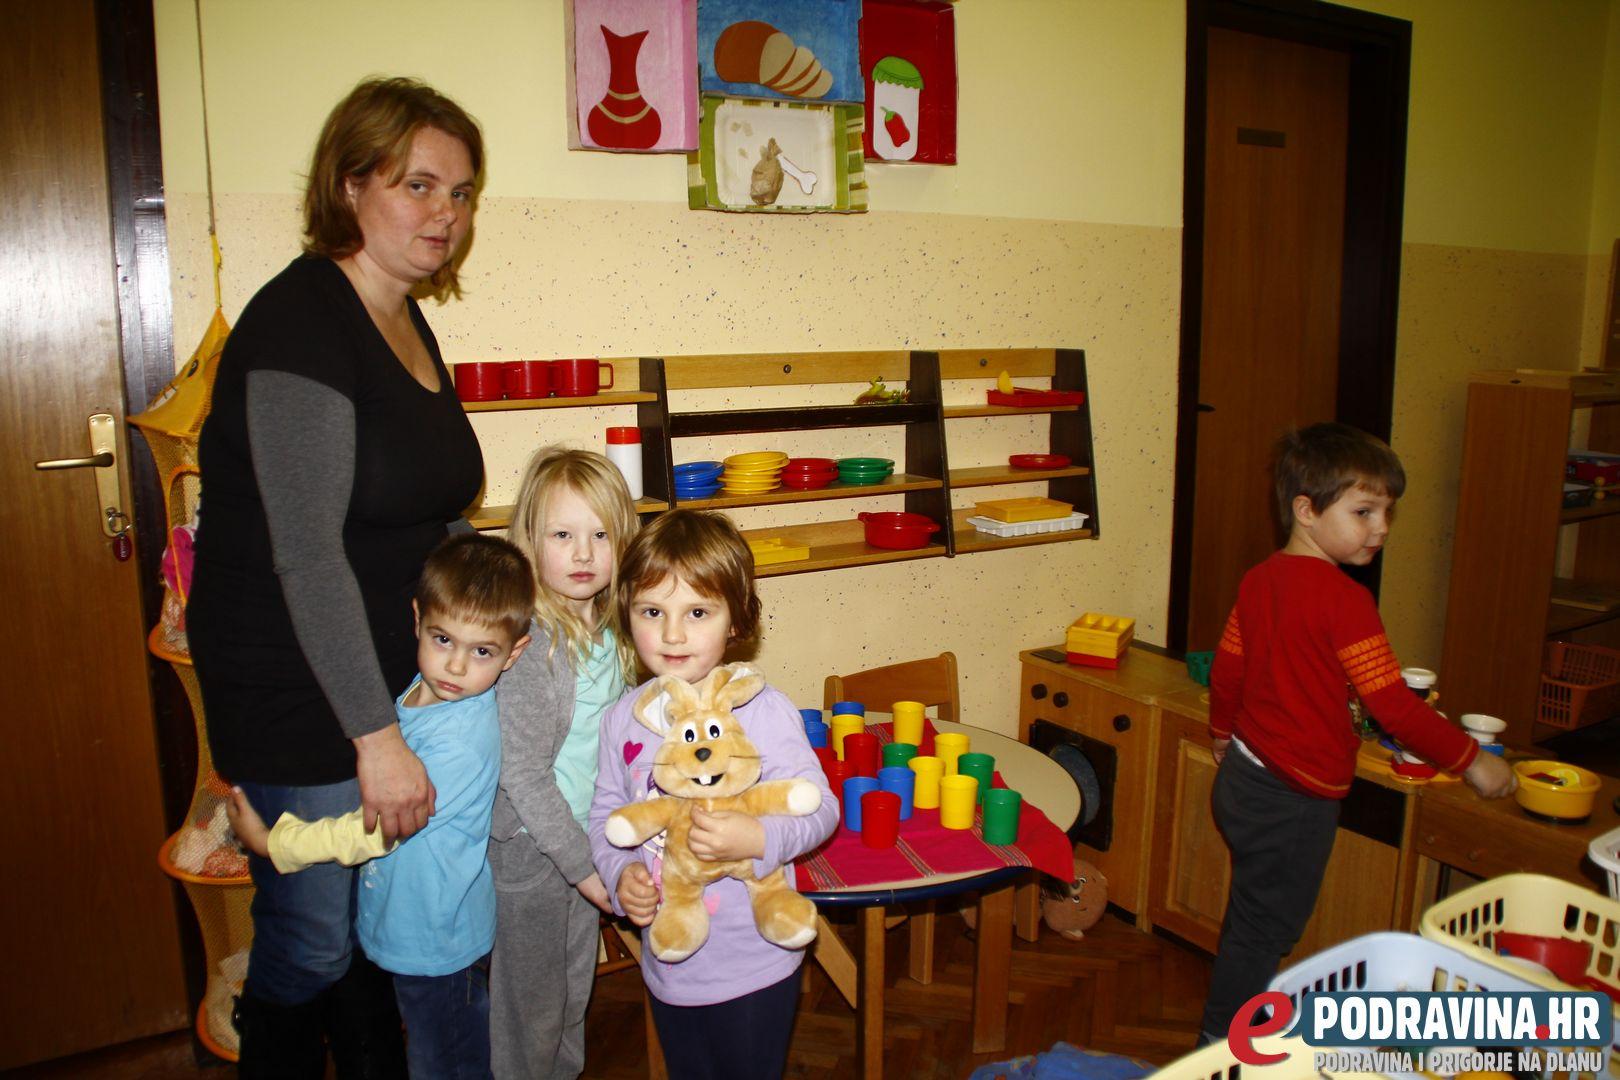 Ravnateljica Ivana Biruš nije htjela komentirati uvođenje naplate vrtića // Foto: Marko Murković